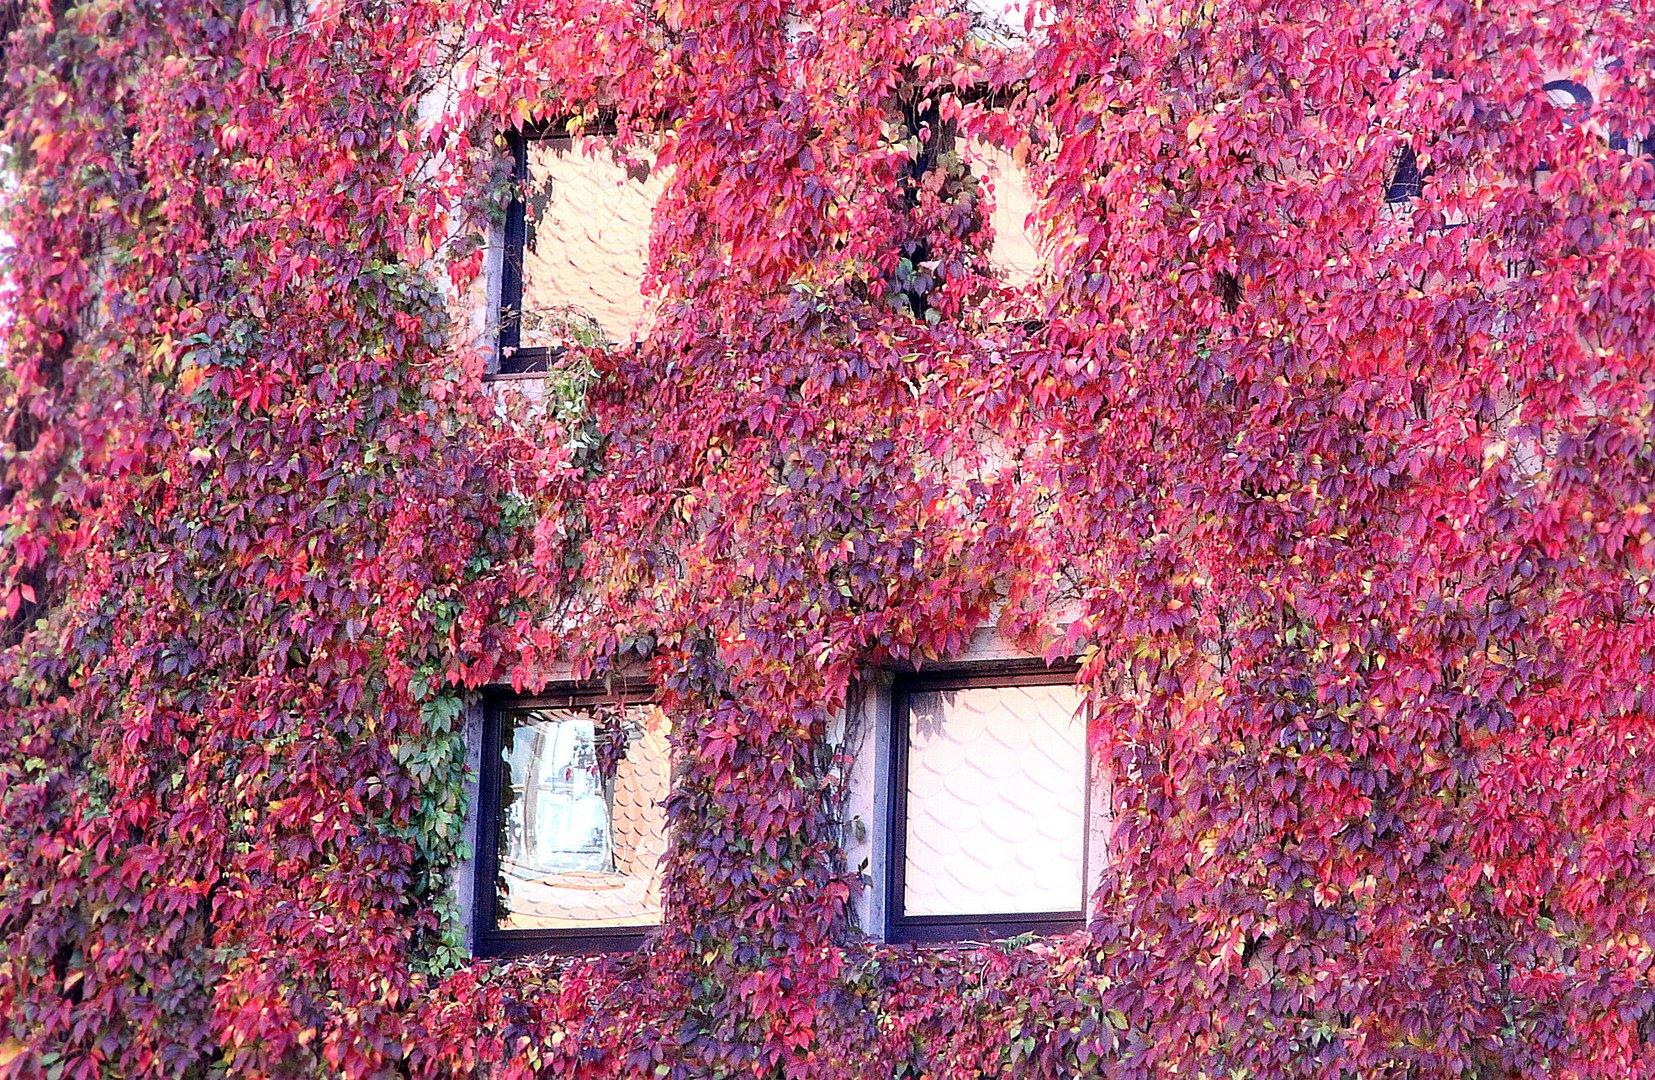 Herbst in Nürnberg 3